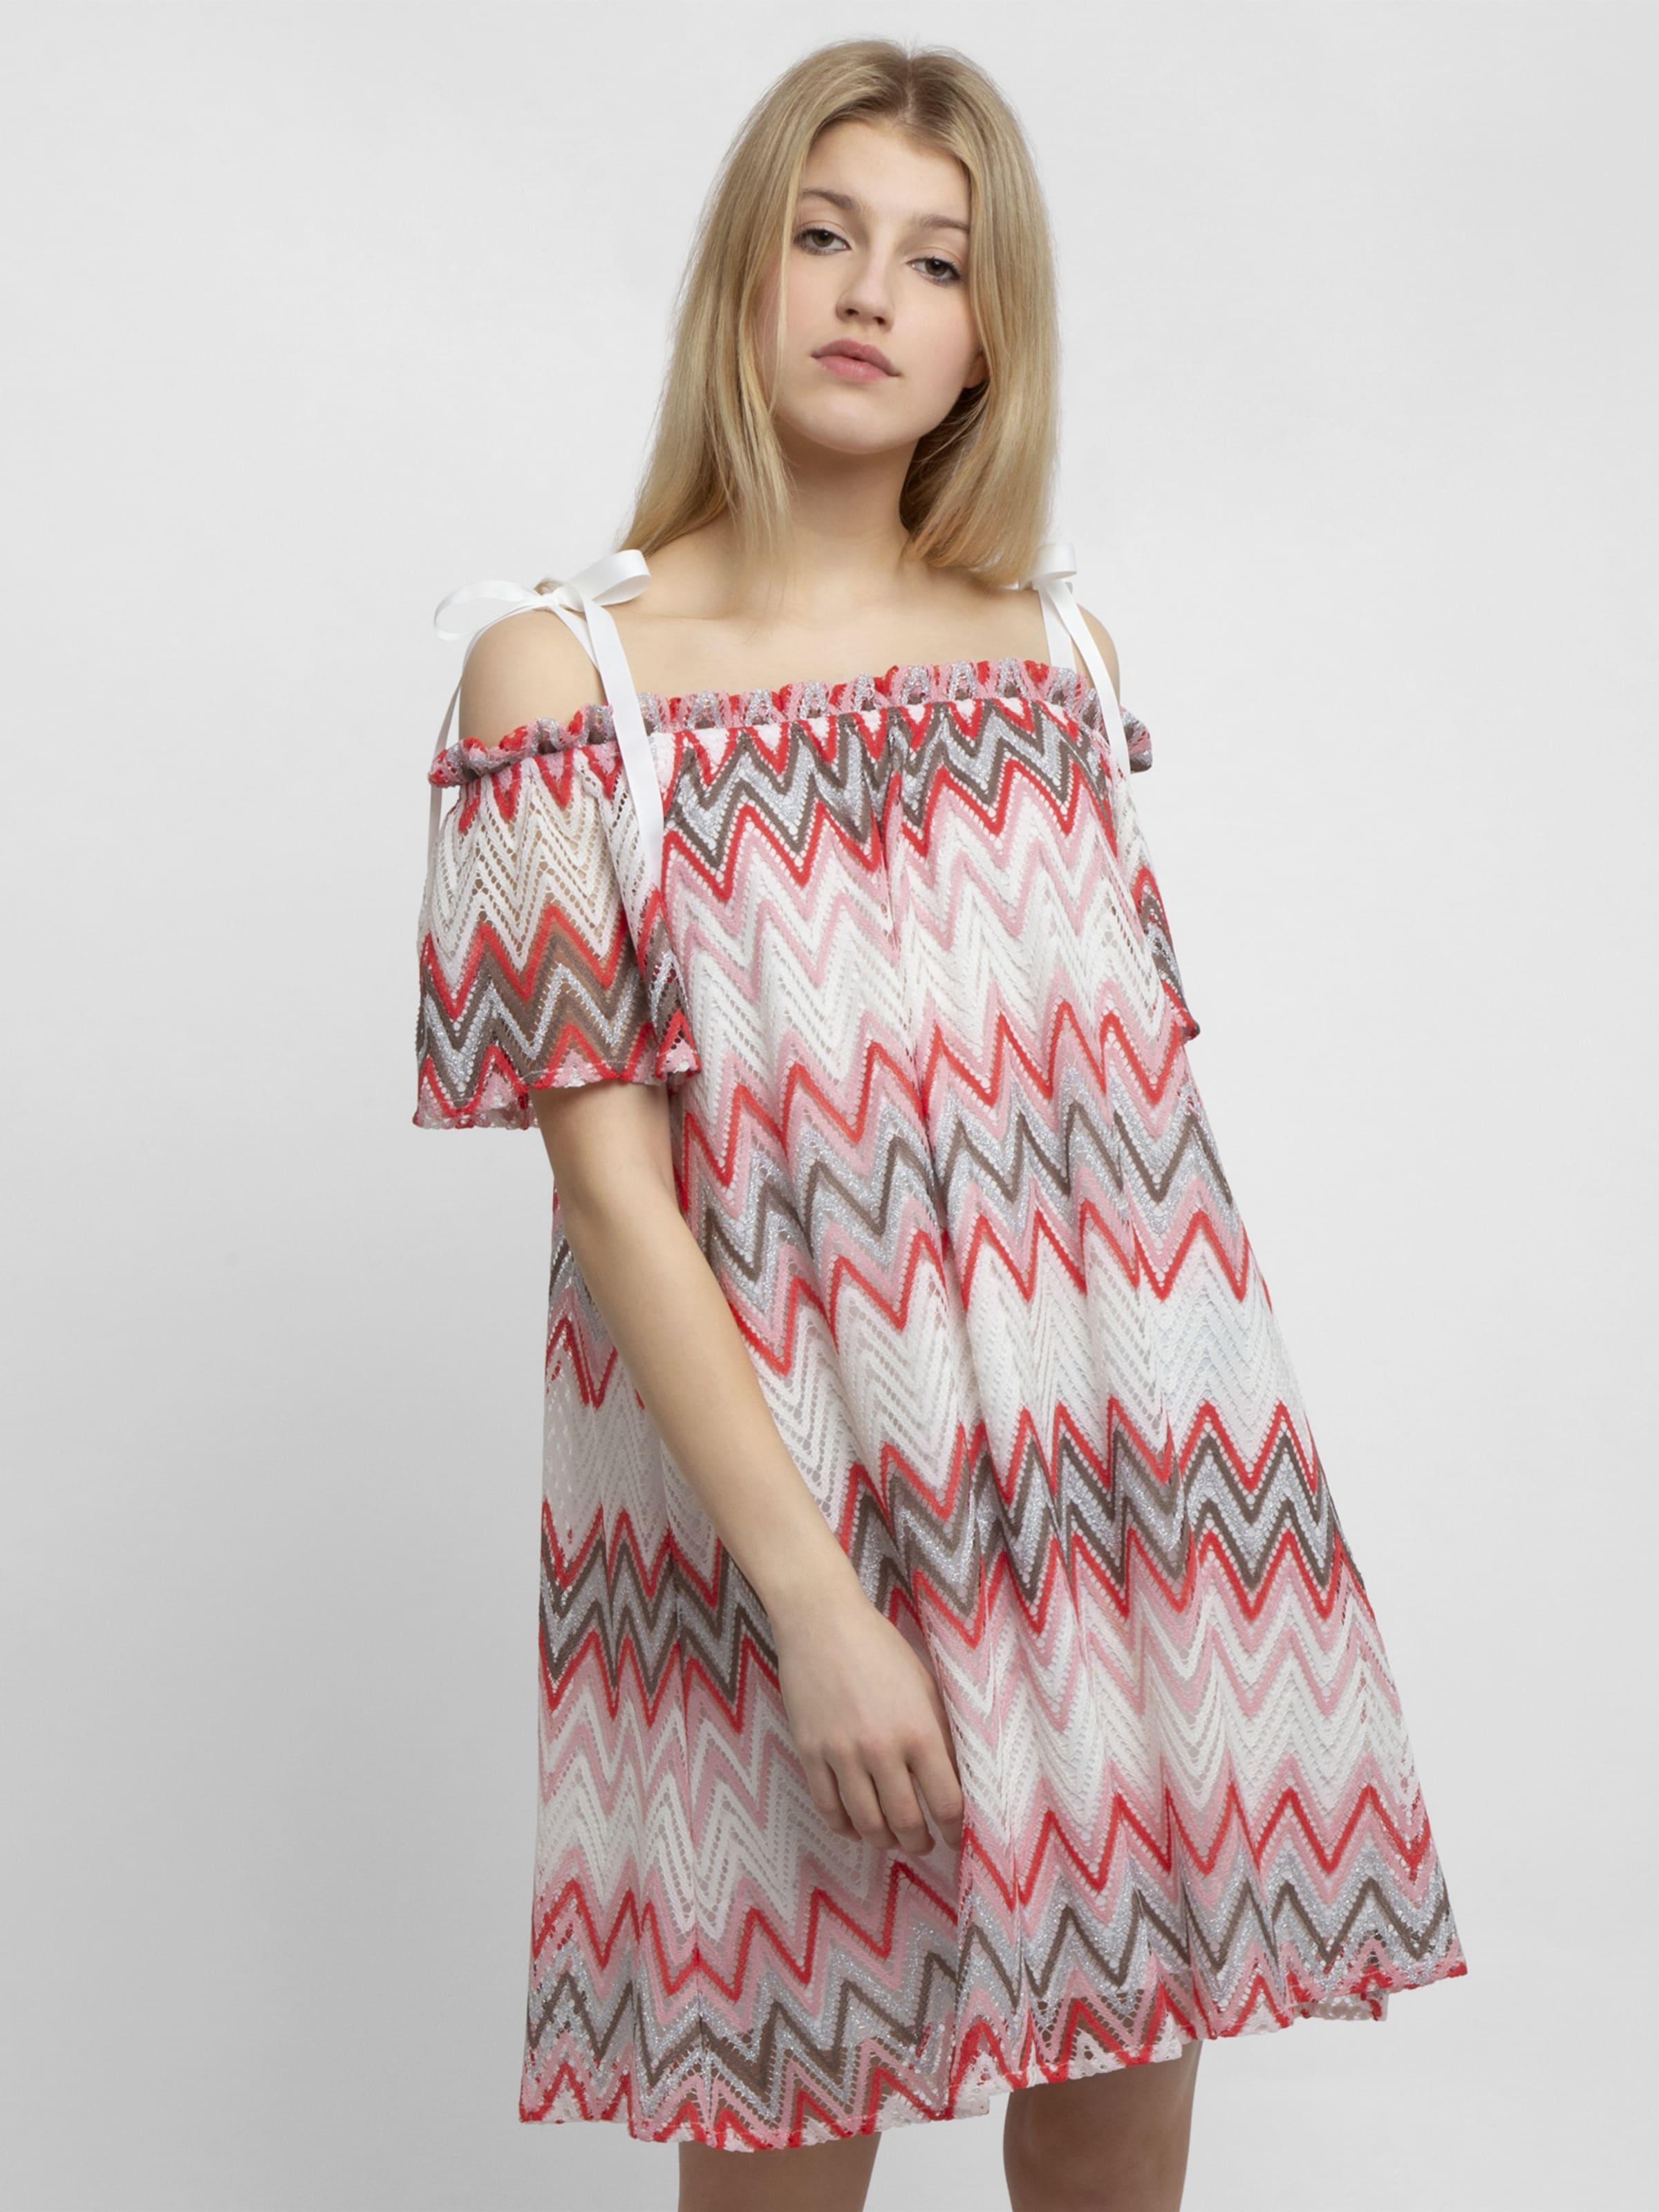 BraunmeliertRosa In Apart Rot Kleid Weiß shCdtQxr